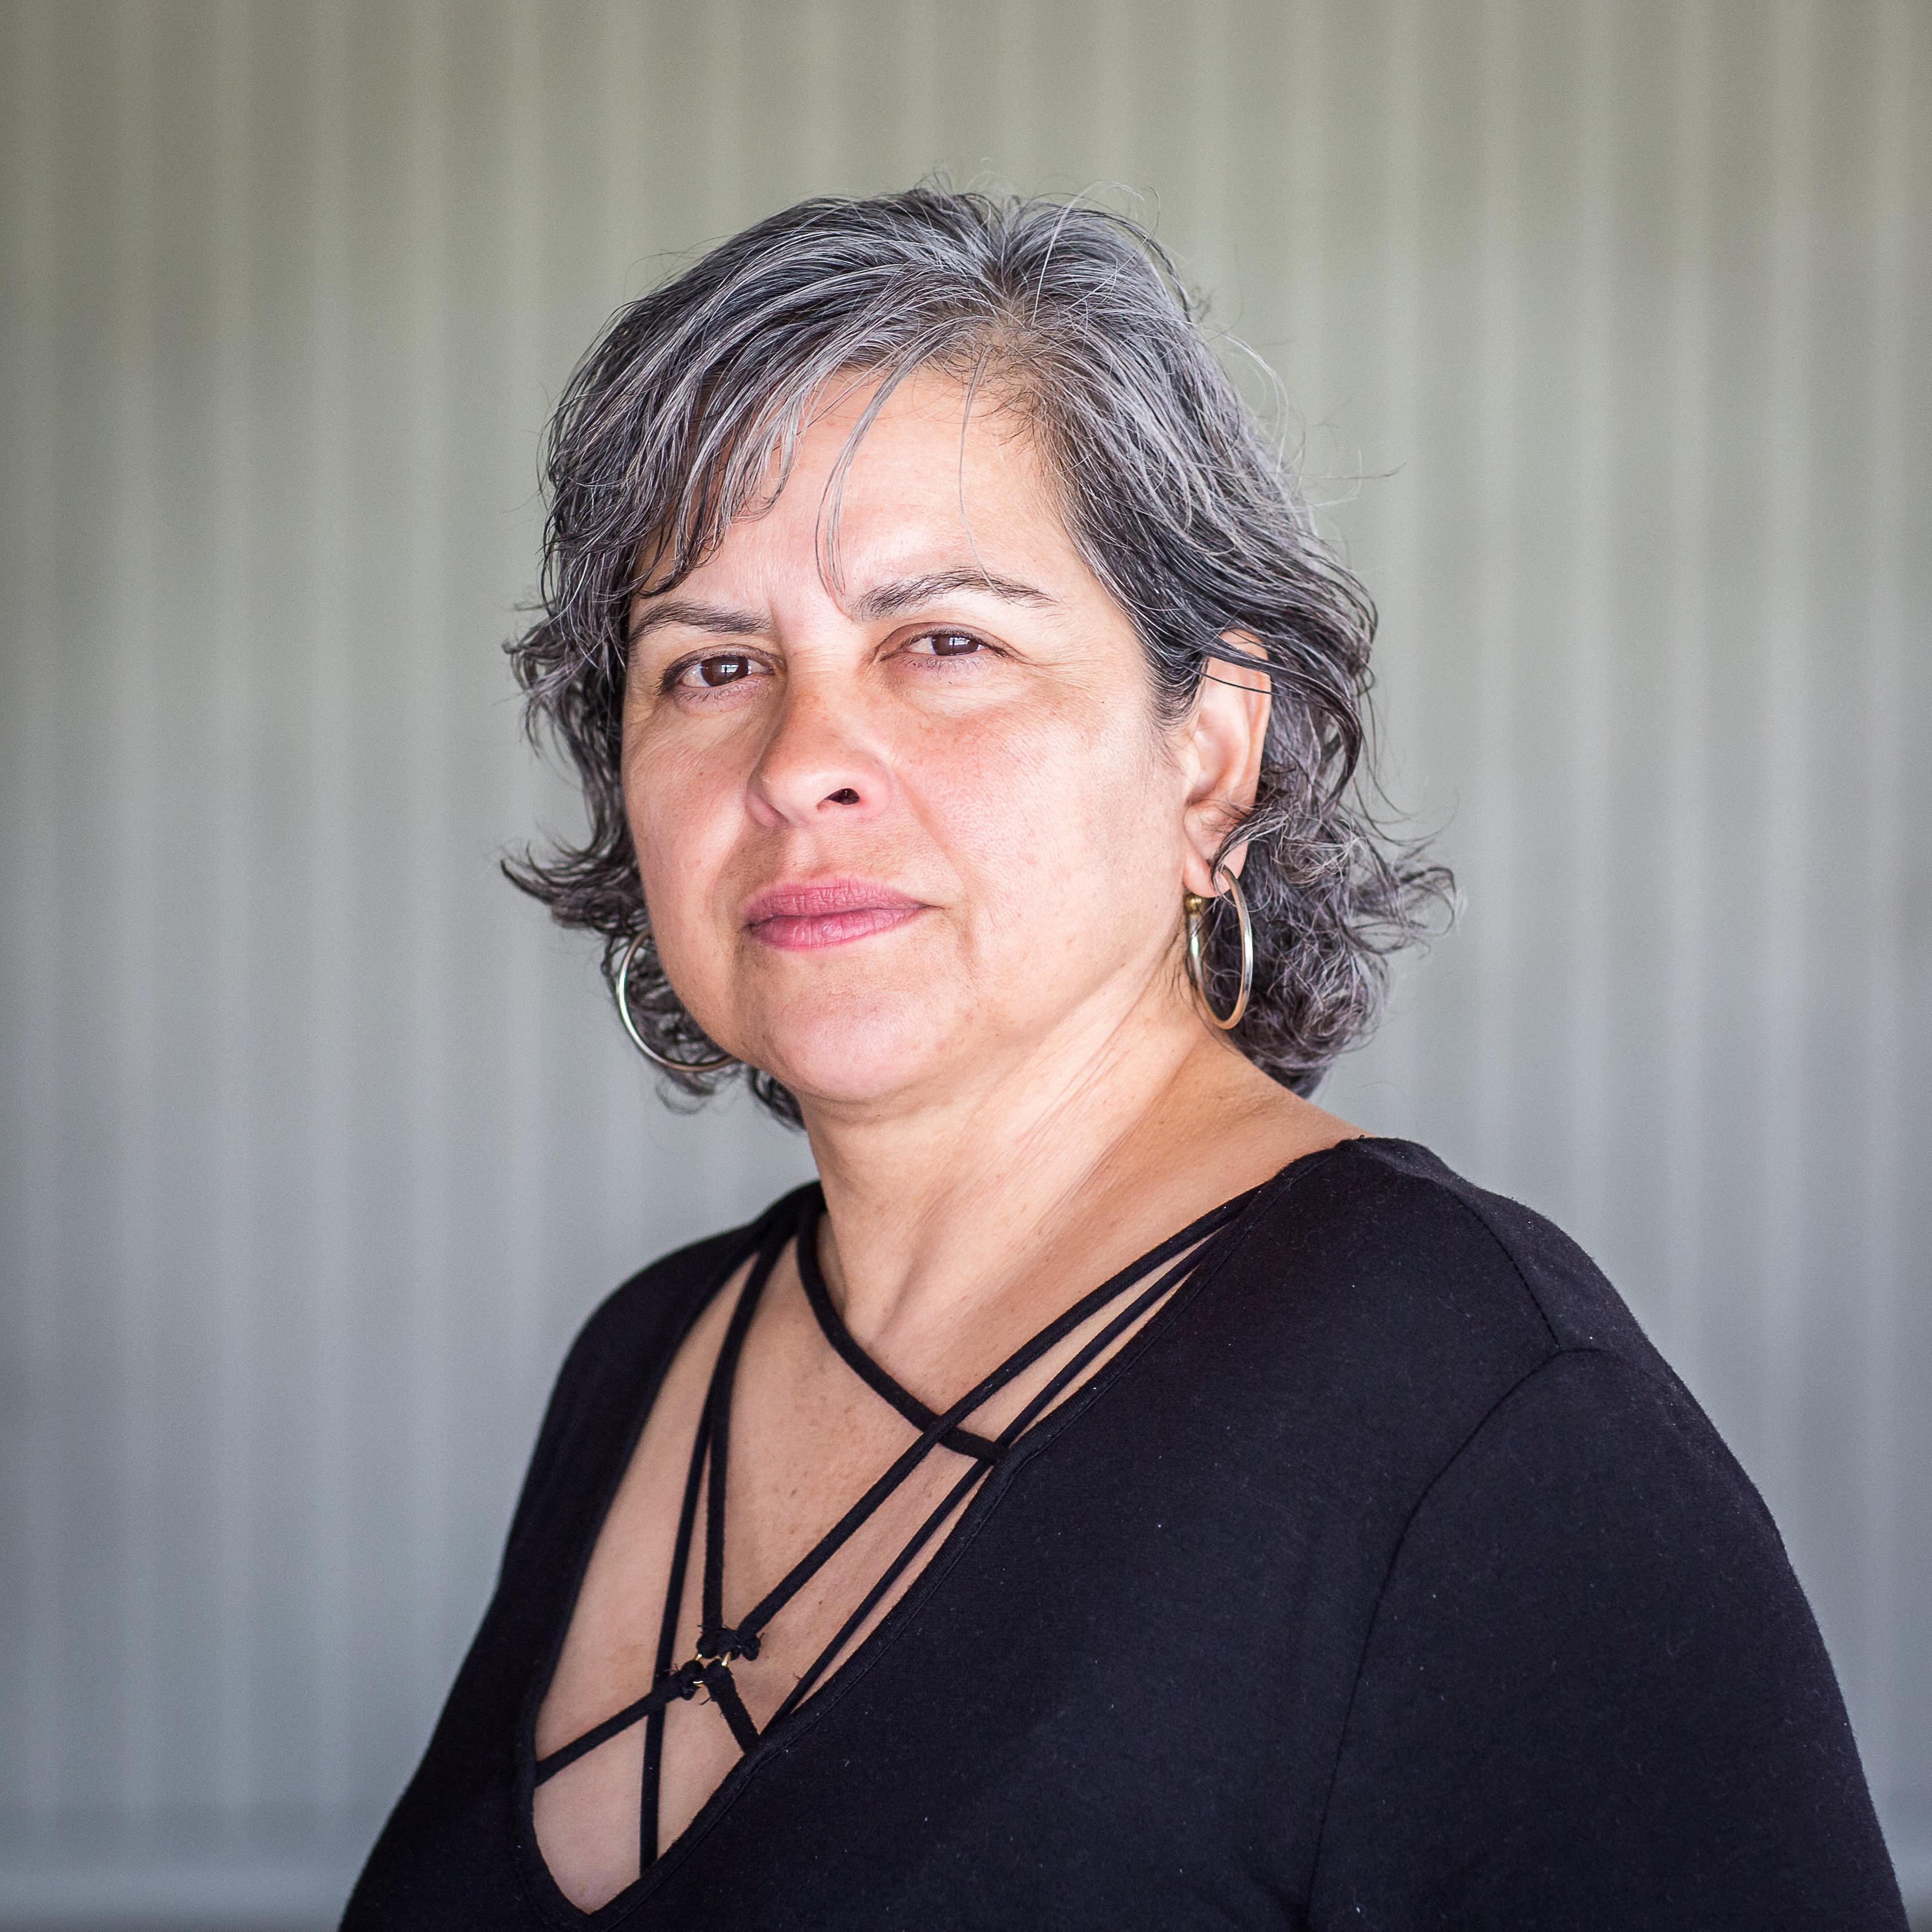 Lourdes Lugo